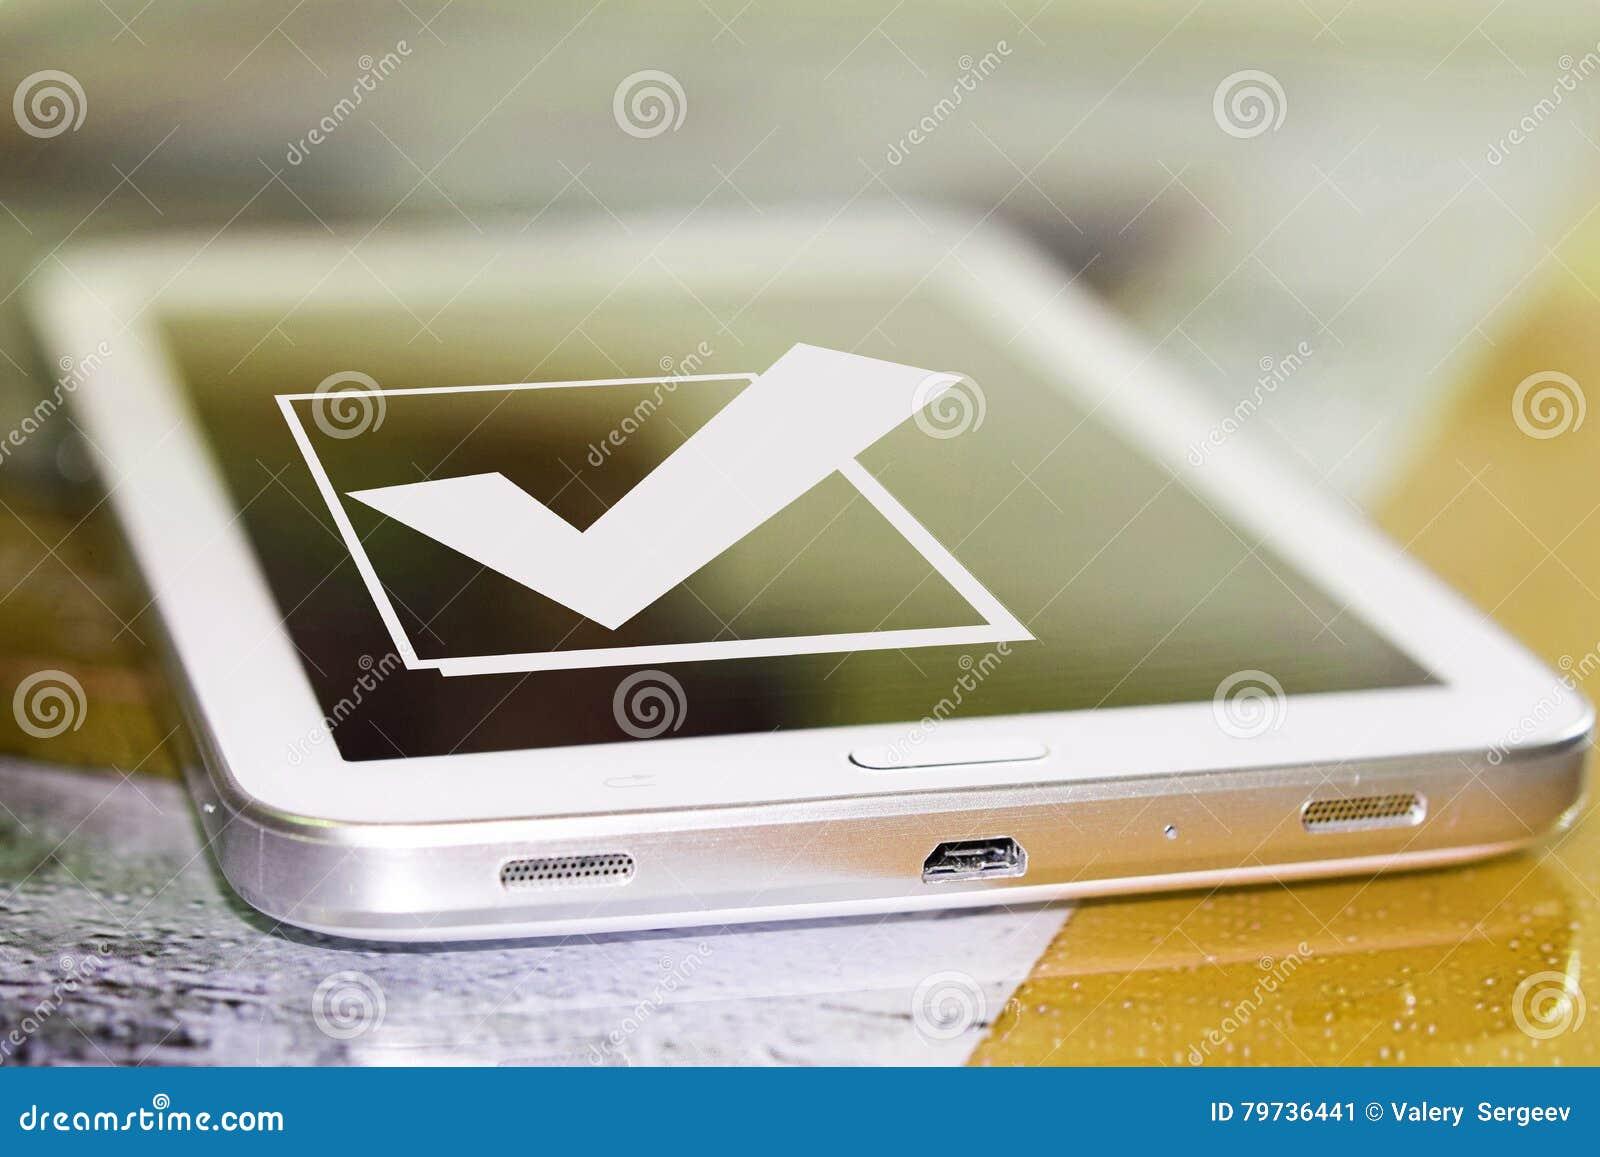 El símbolo de una señal y de un x28; Yes& x29; en la pantalla del teléfono celular